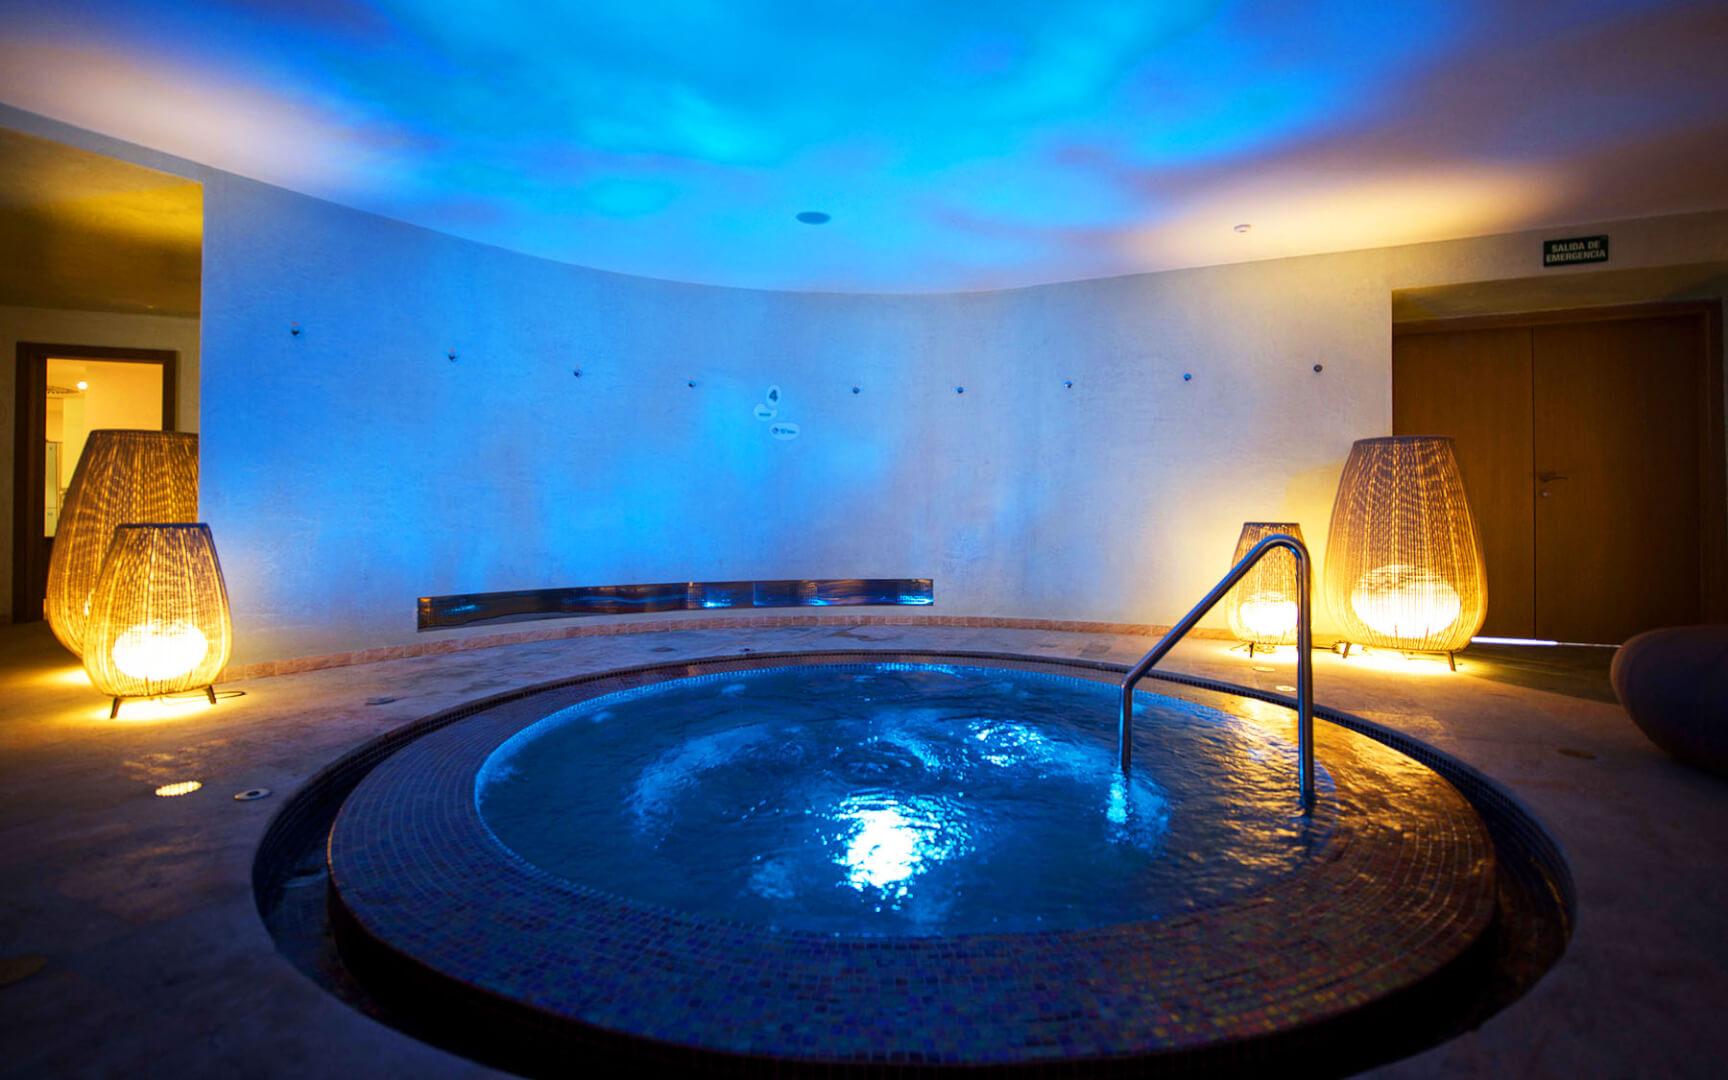 KLAFS Spa at Hard Rock Hotel Ibiza